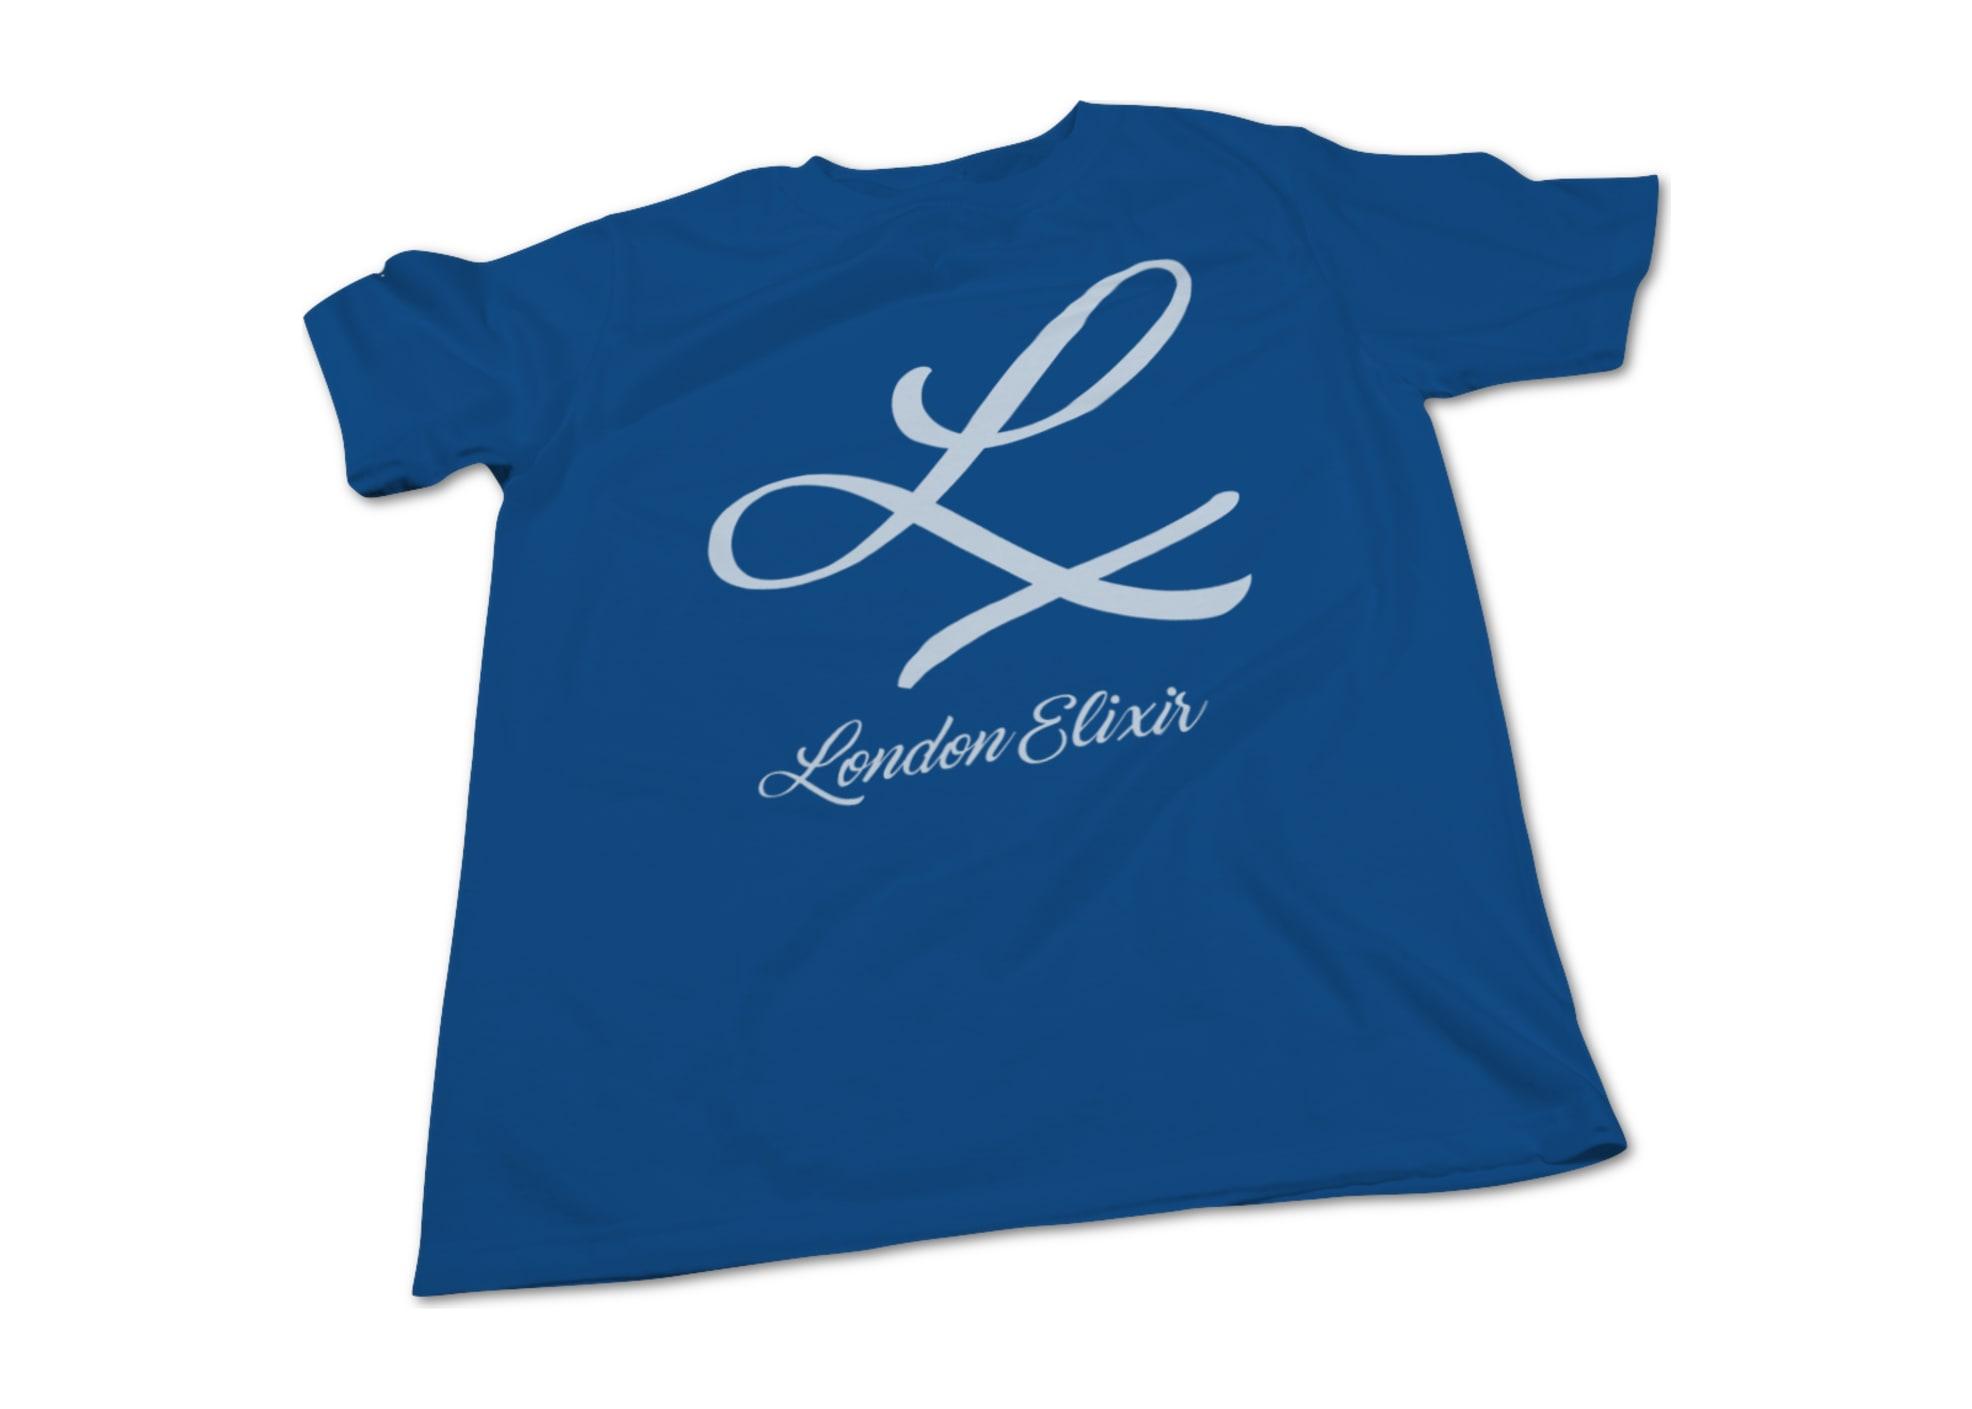 London elixir lx 1626362963